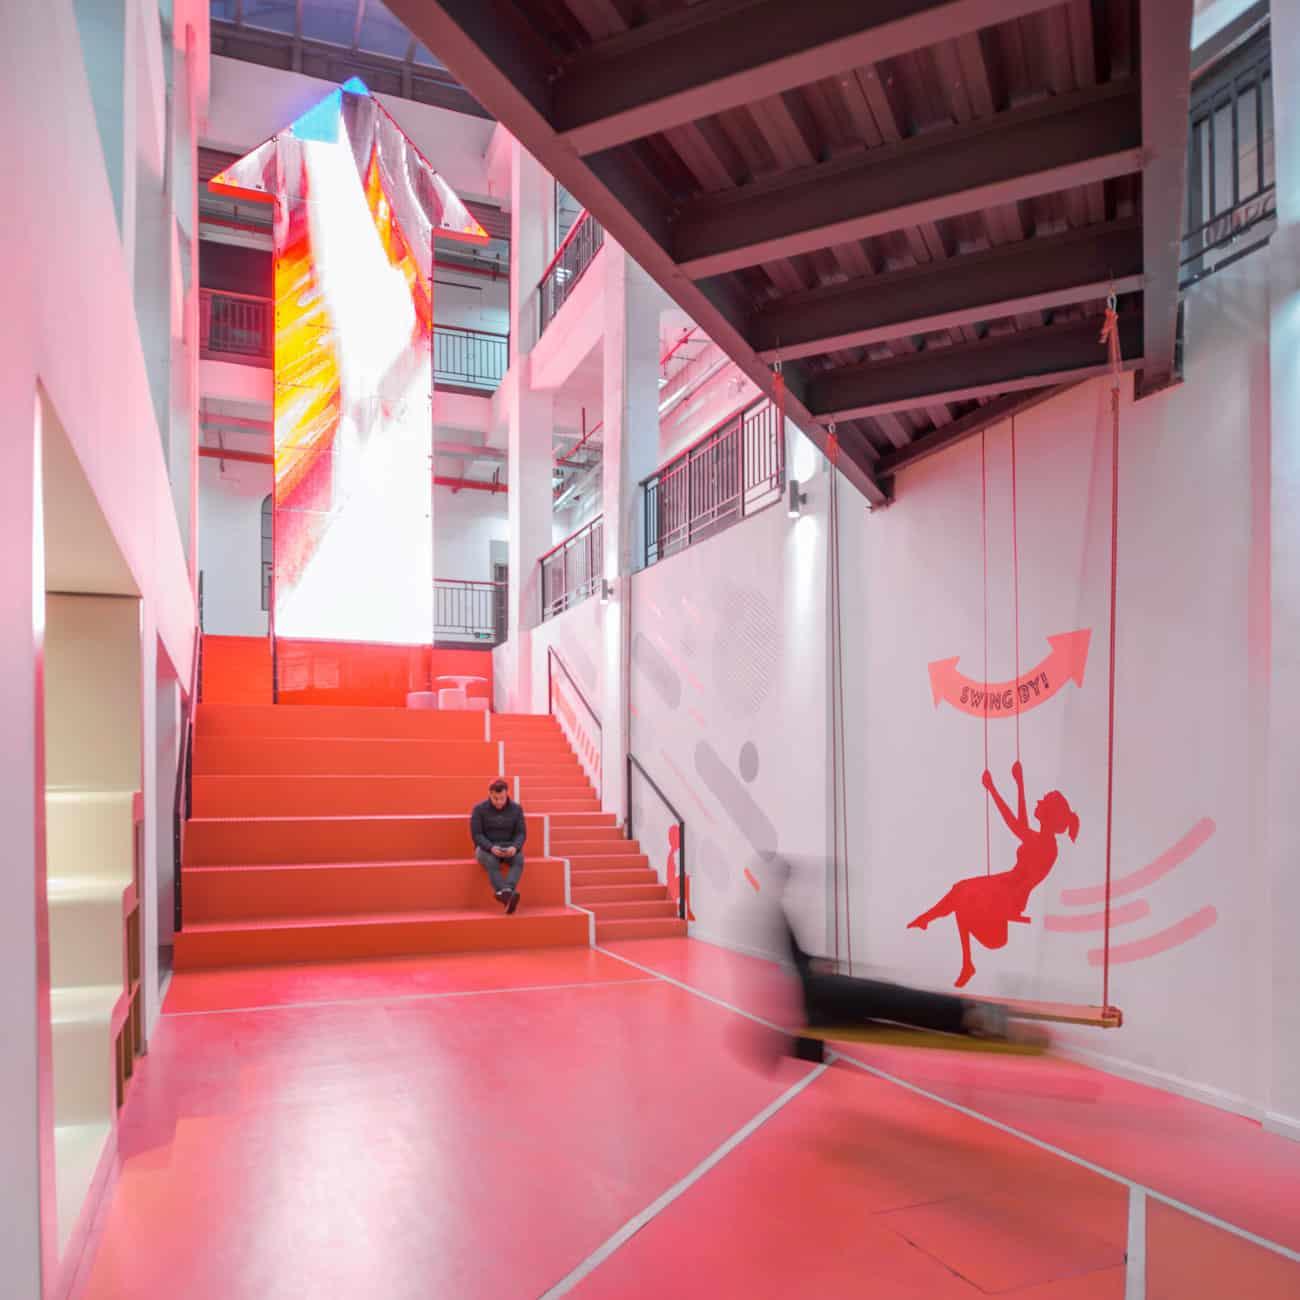 escalier-rouge-design-actif-batiment-